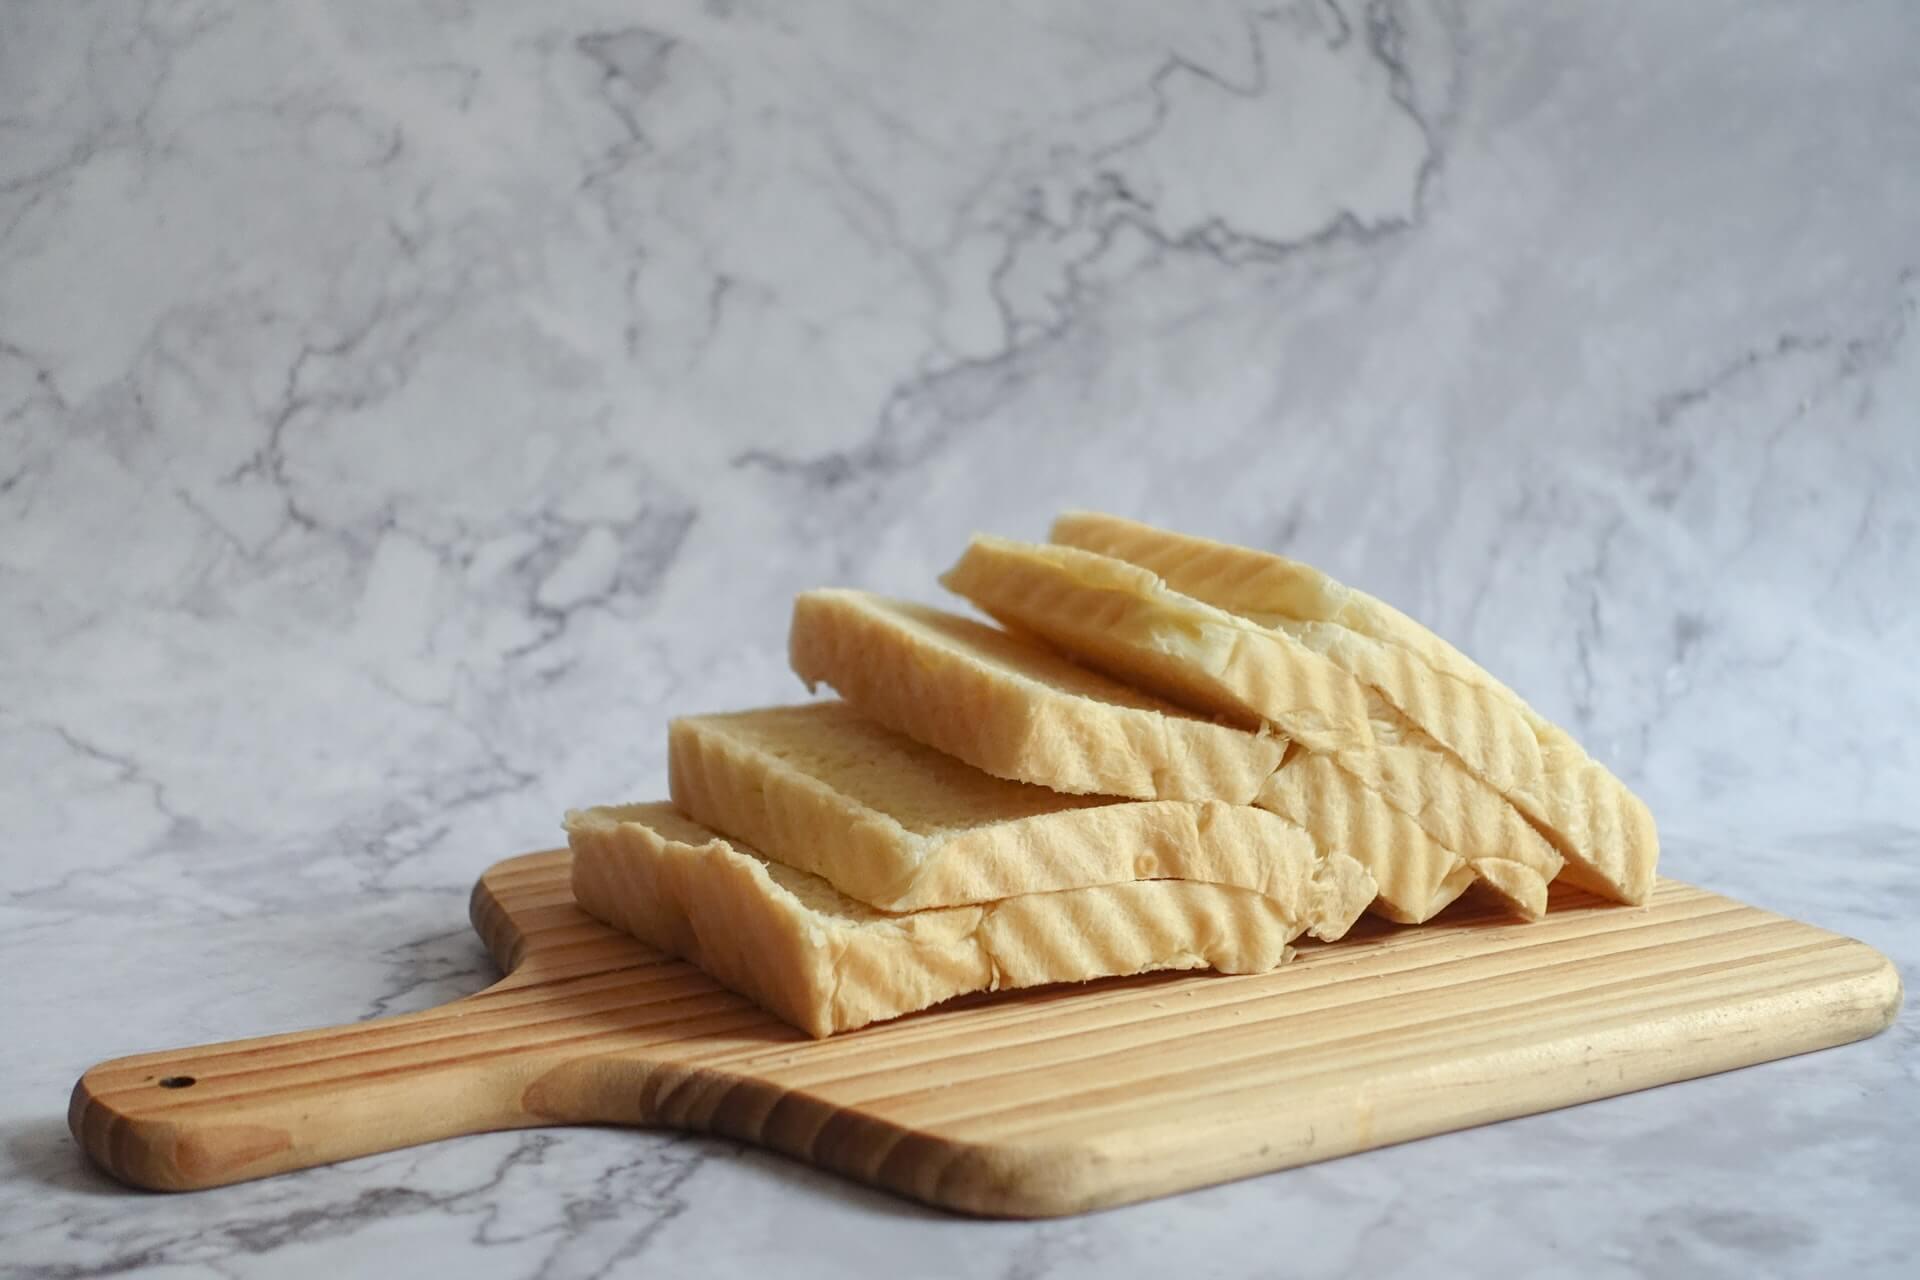 食パンを保存する方法は?おいしさを保つヒントと食べ方を解説